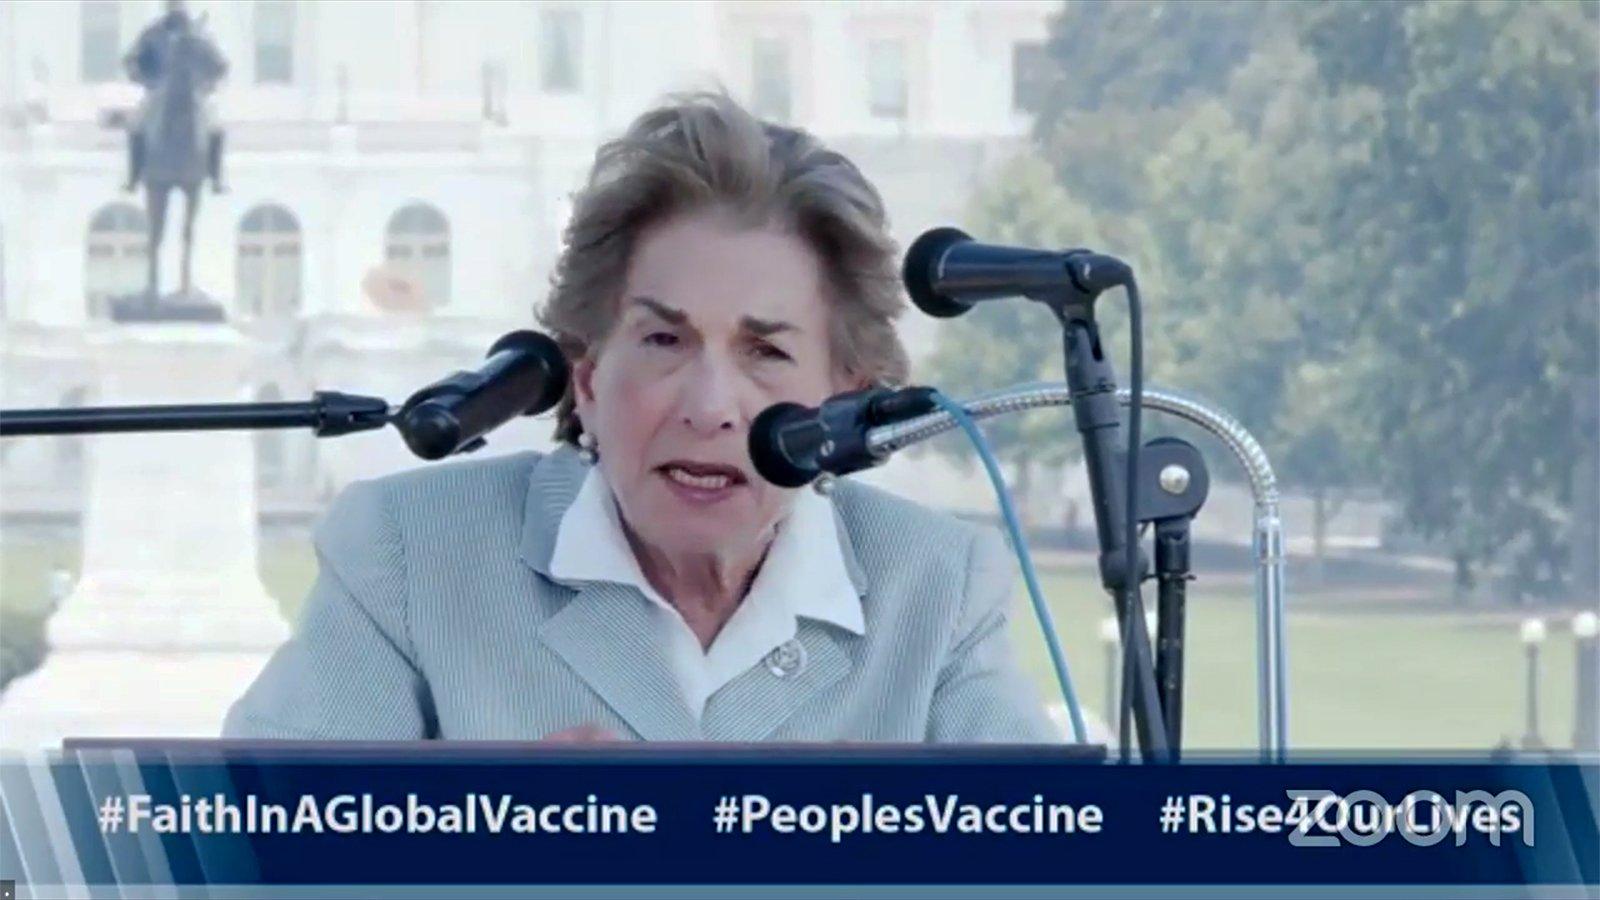 Глобальное межрелигиозное молитвенное служение выступает за равенство в доступе к вакцинам